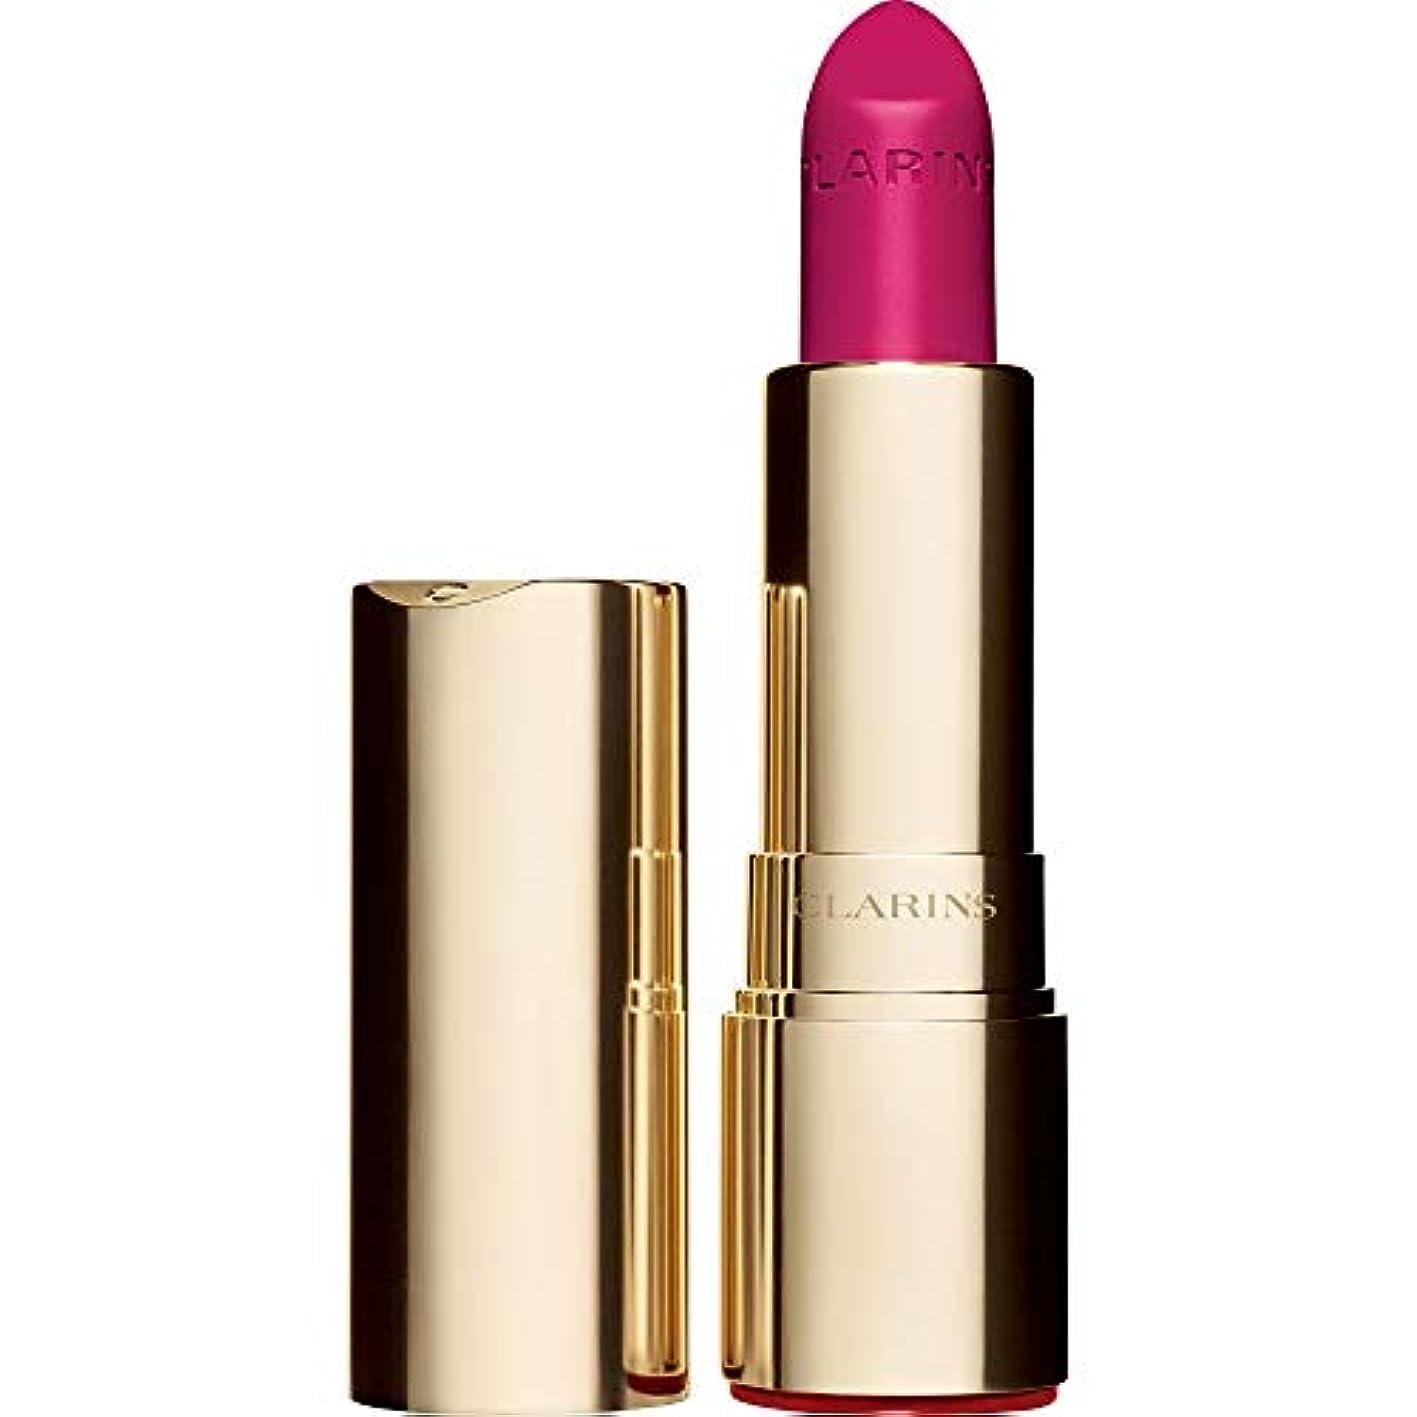 耐えられる申し立てられた非アクティブ[Clarins ] クラランスジョリルージュのベルベットの口紅3.5グラムの713V - ホットピンク - Clarins Joli Rouge Velvet Lipstick 3.5g 713V - Hot Pink...